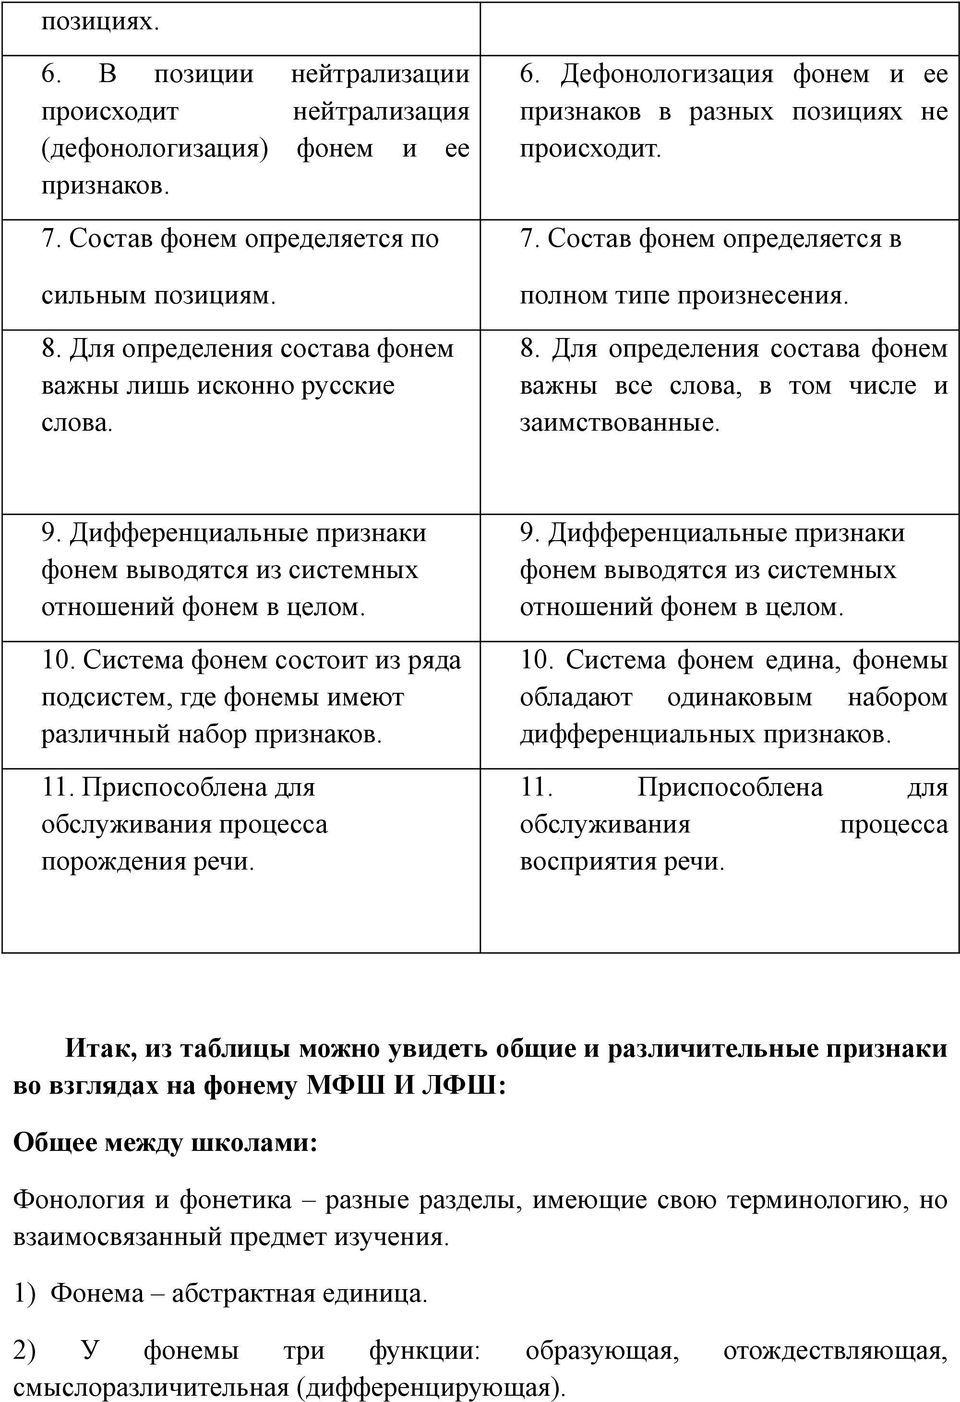 Фонетика и фонология